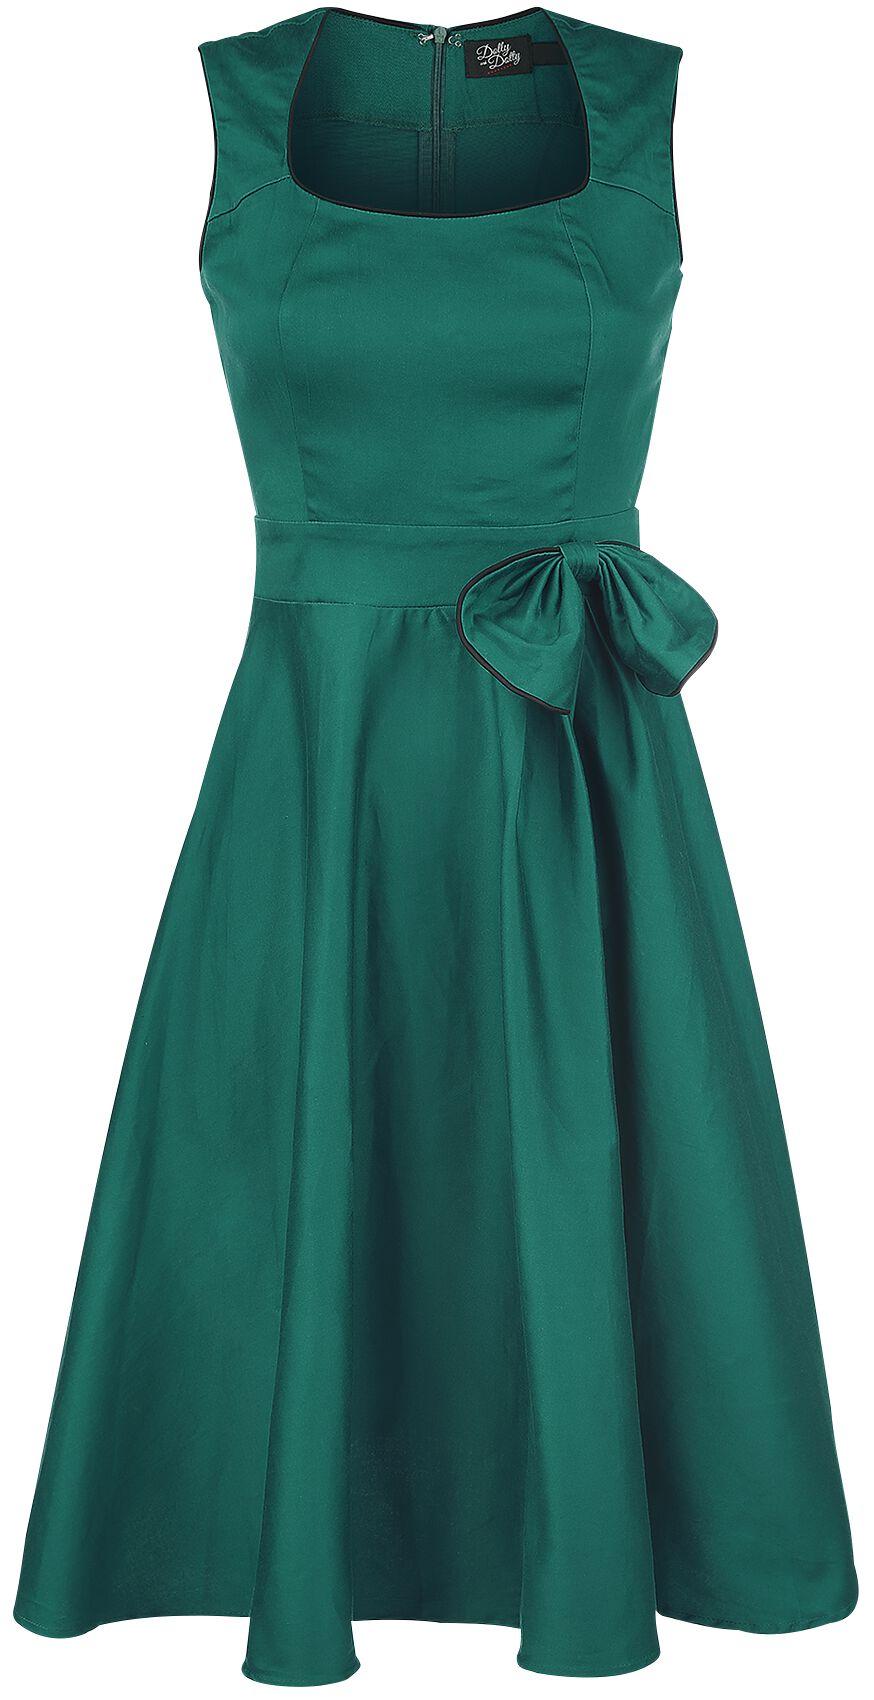 Marki - Sukienki - Sukienka Dolly and Dotty Bow Dress Sukienka zielony - 331218